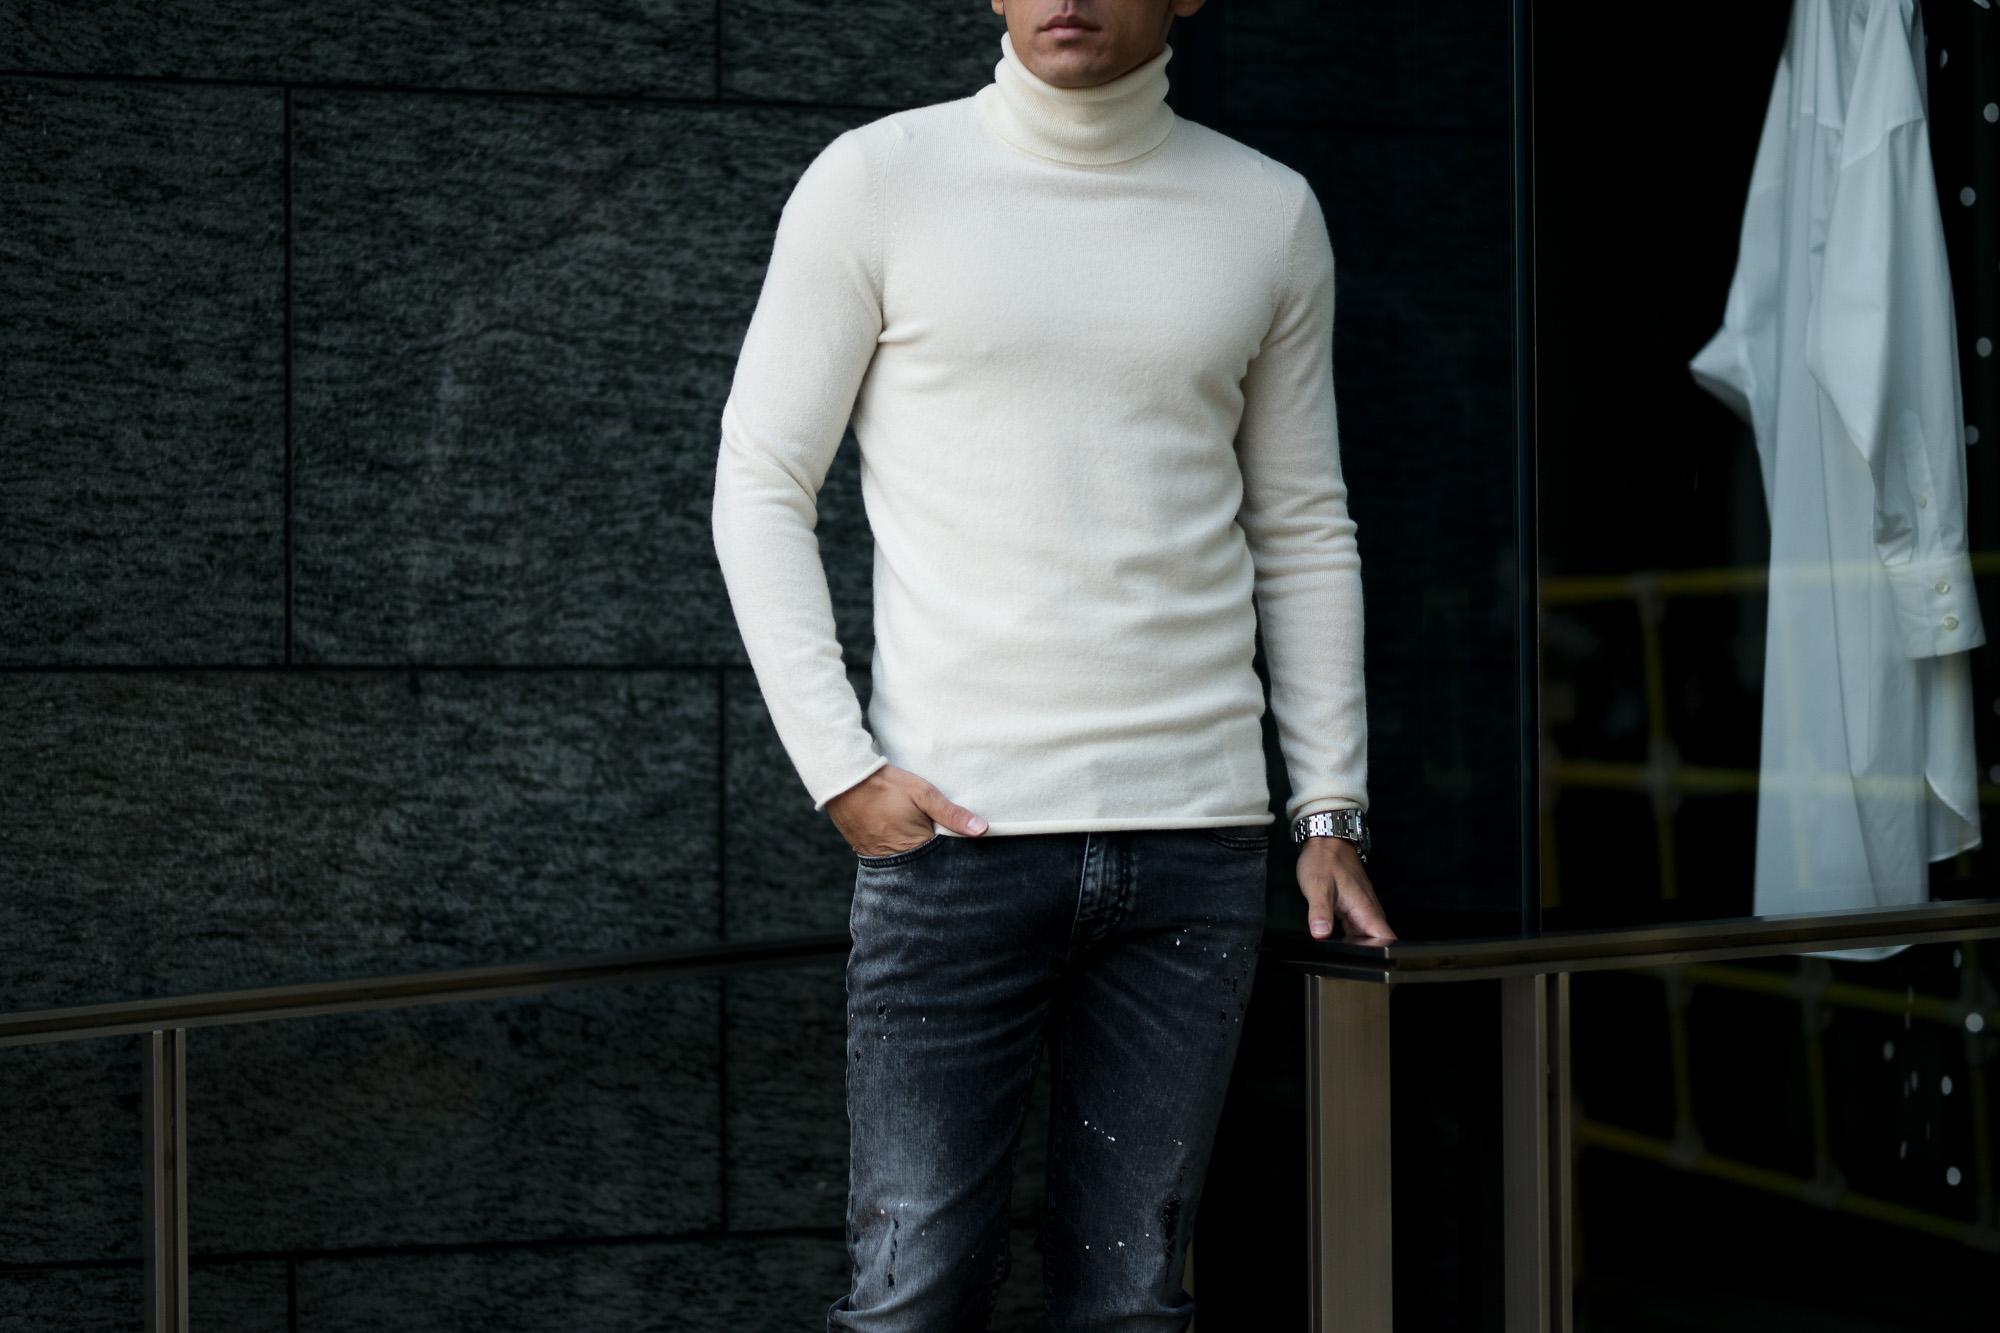 lucien pellat-fine (ルシアン ペラフィネ) Cashmere Roll Neck Sweater カシミア タートルネック セーター NIVEOUS (ホワイト) made in scotland (スコットランド製) 2020 秋冬新作 【入荷しました】【フリー分発売開始】愛知 名古屋 Alto e Diritto altoediritto アルトエデリット